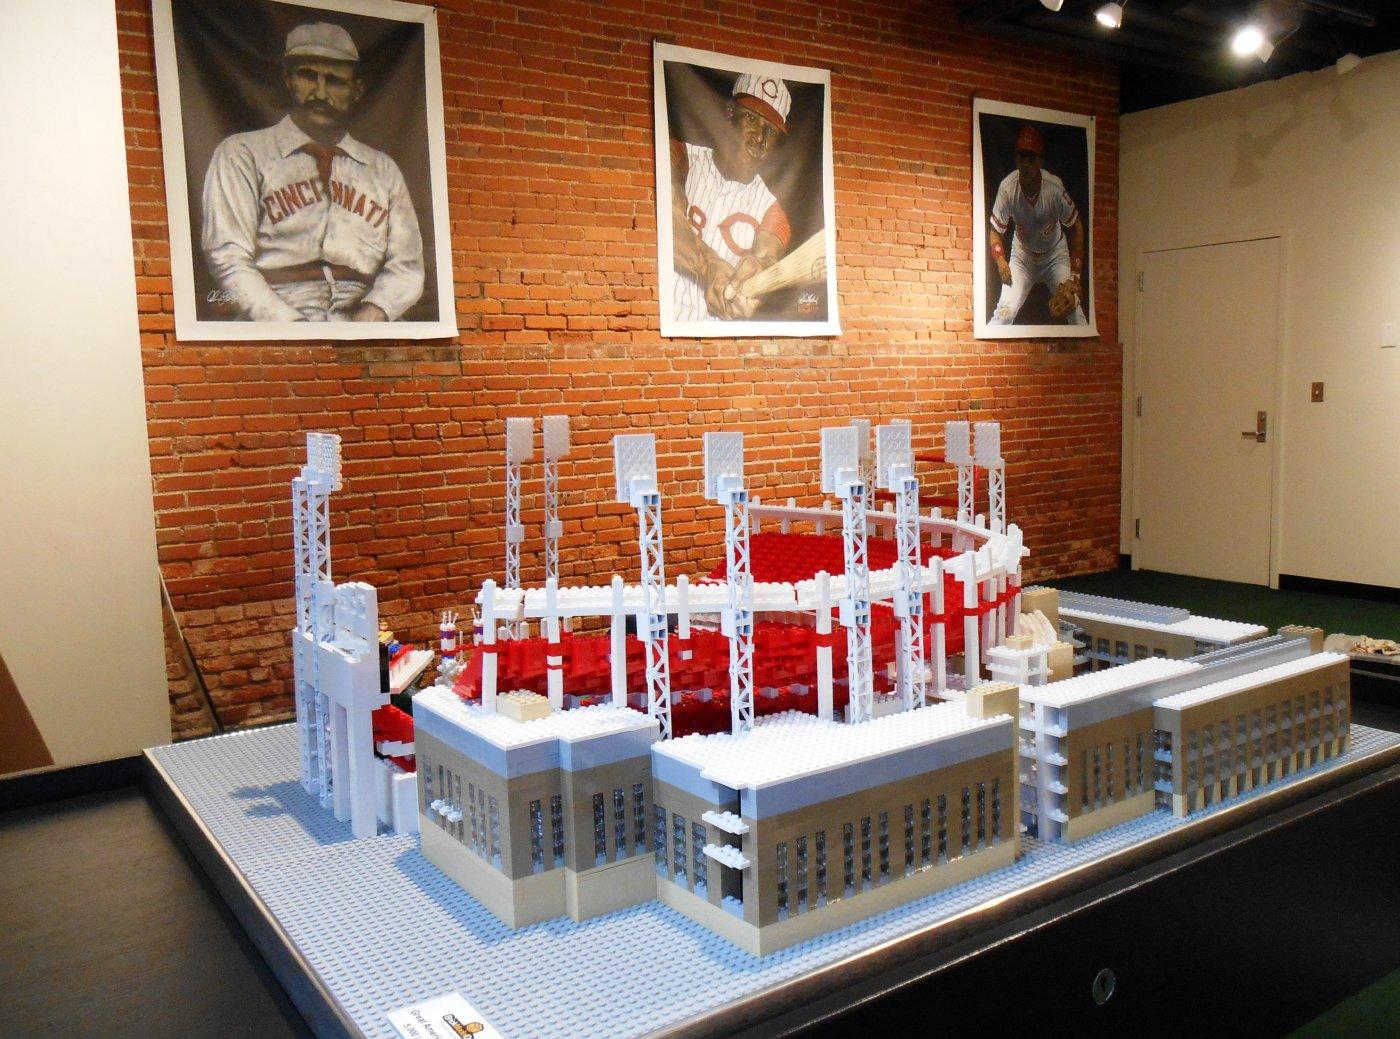 Cincinnati Reds Lego Model